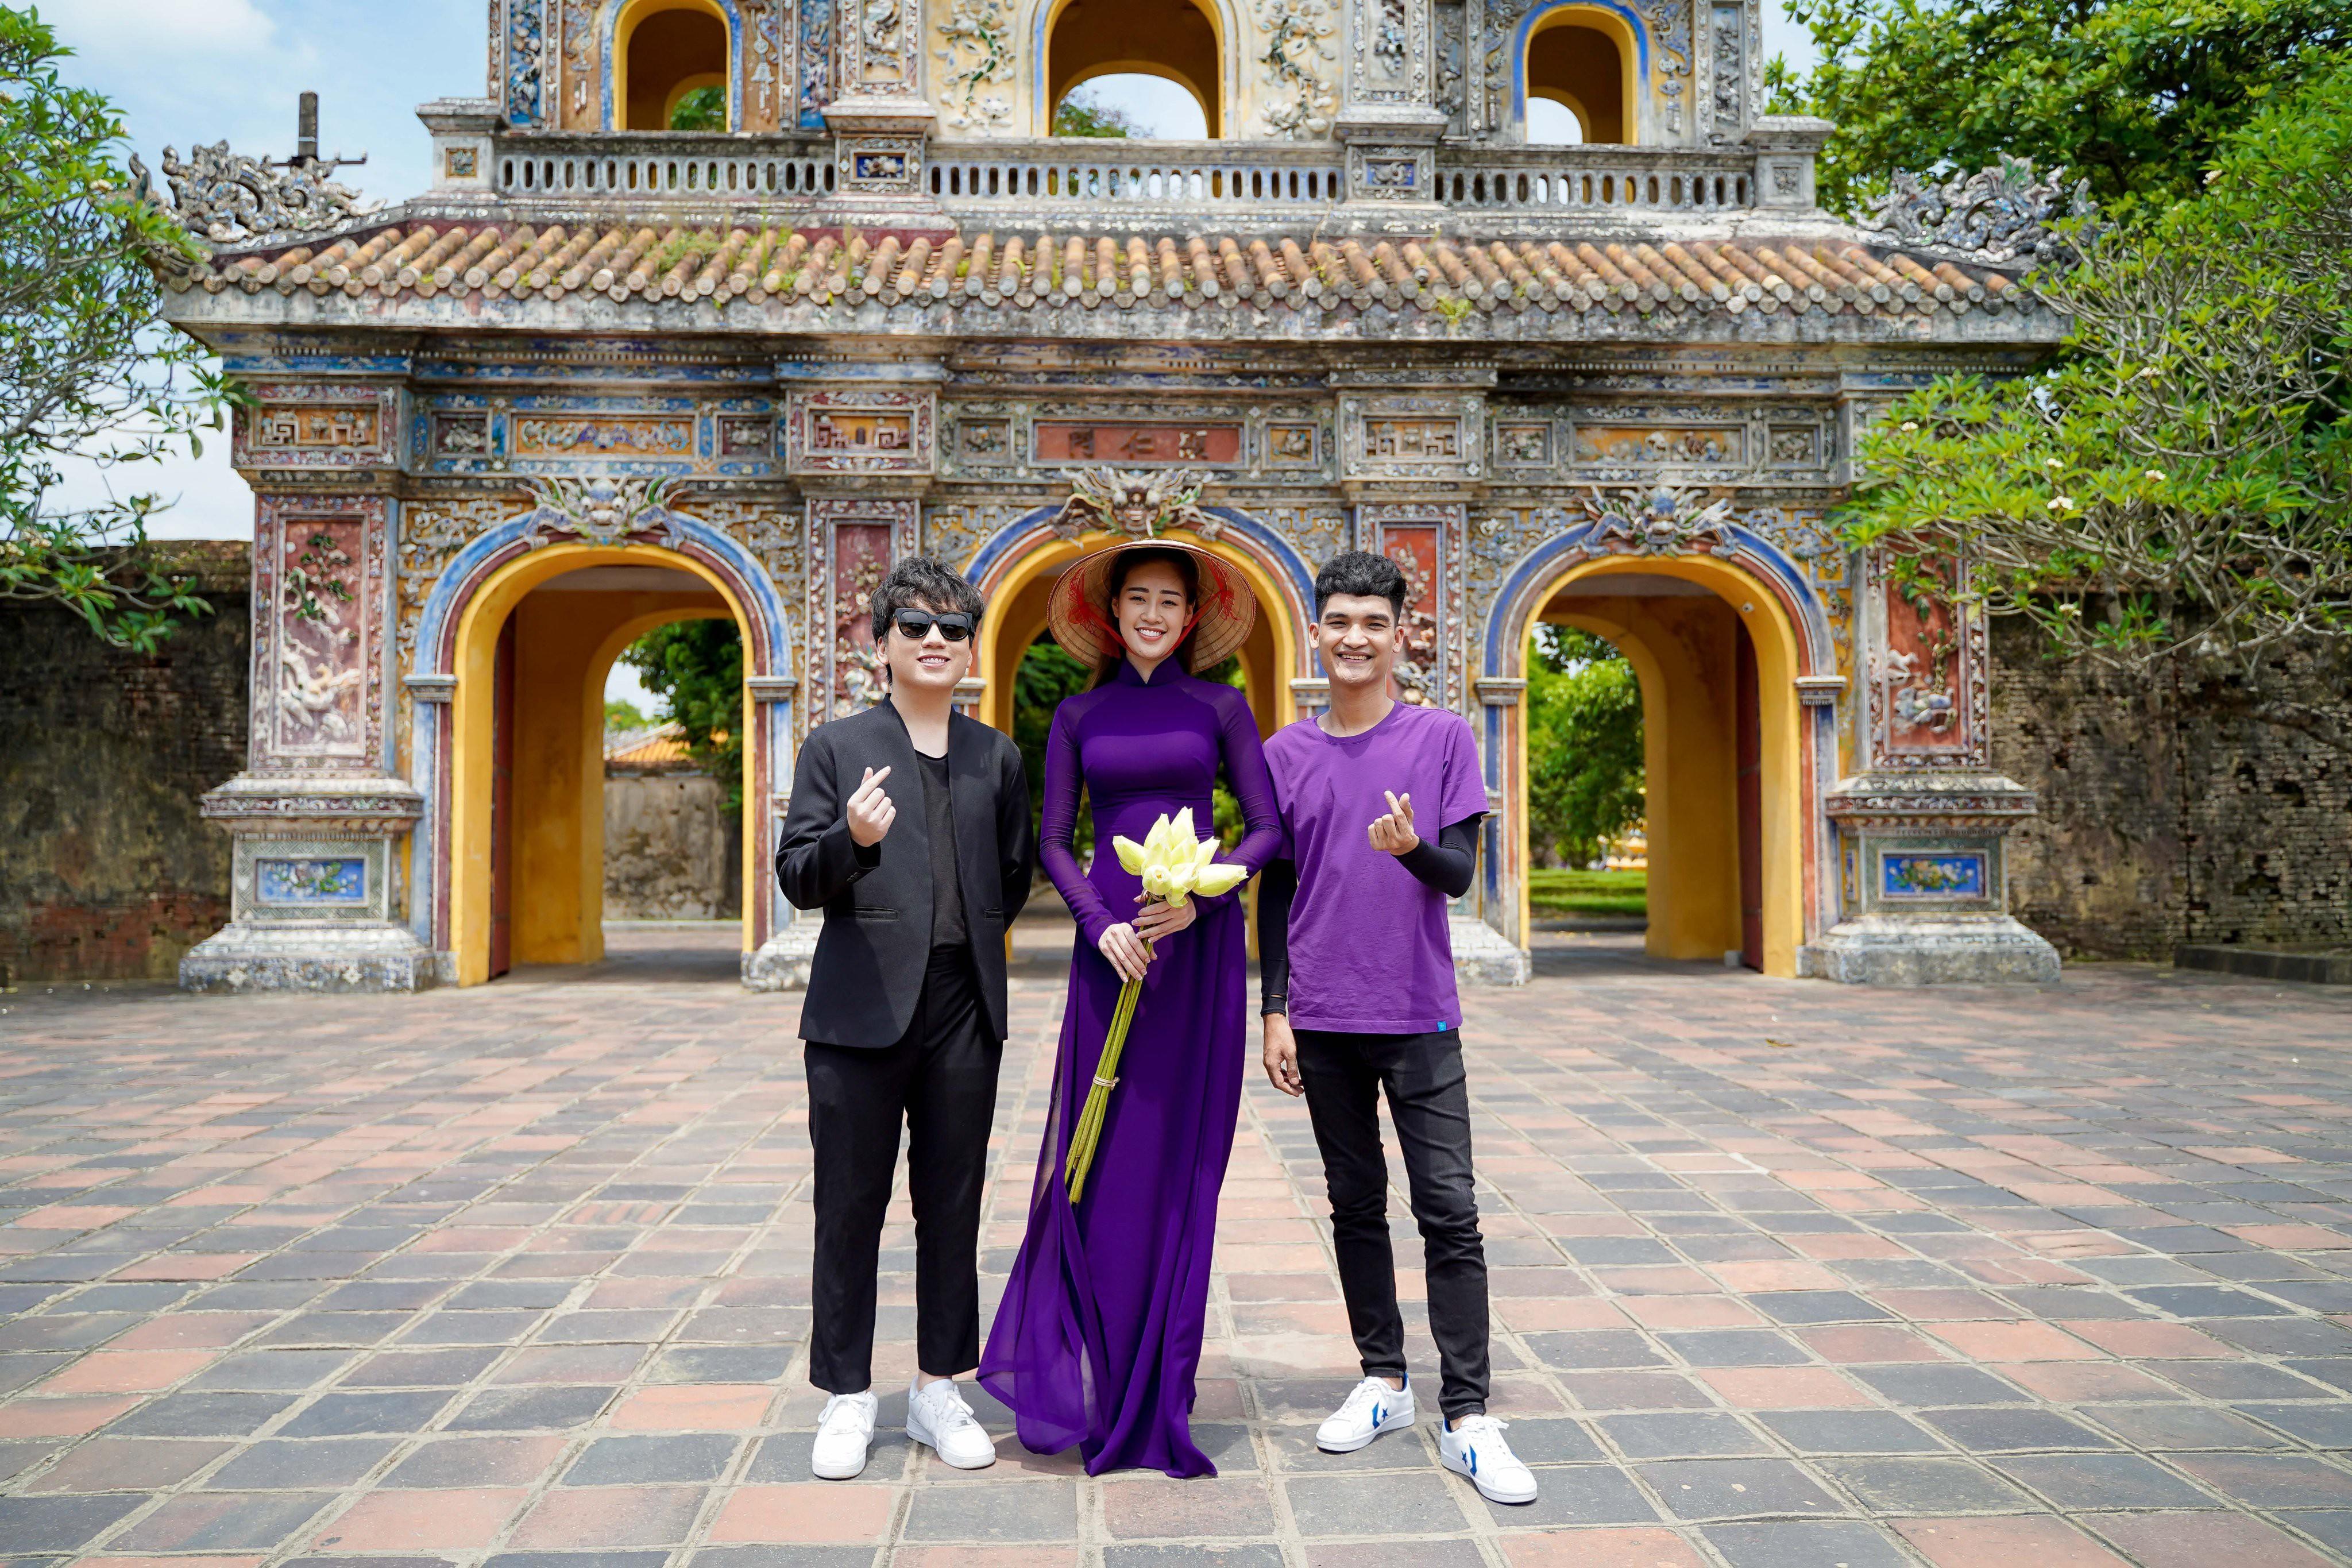 Hoa hậu Khánh Vân diện áo dài tím hóa thành cô gái xứ Huế Ảnh 6